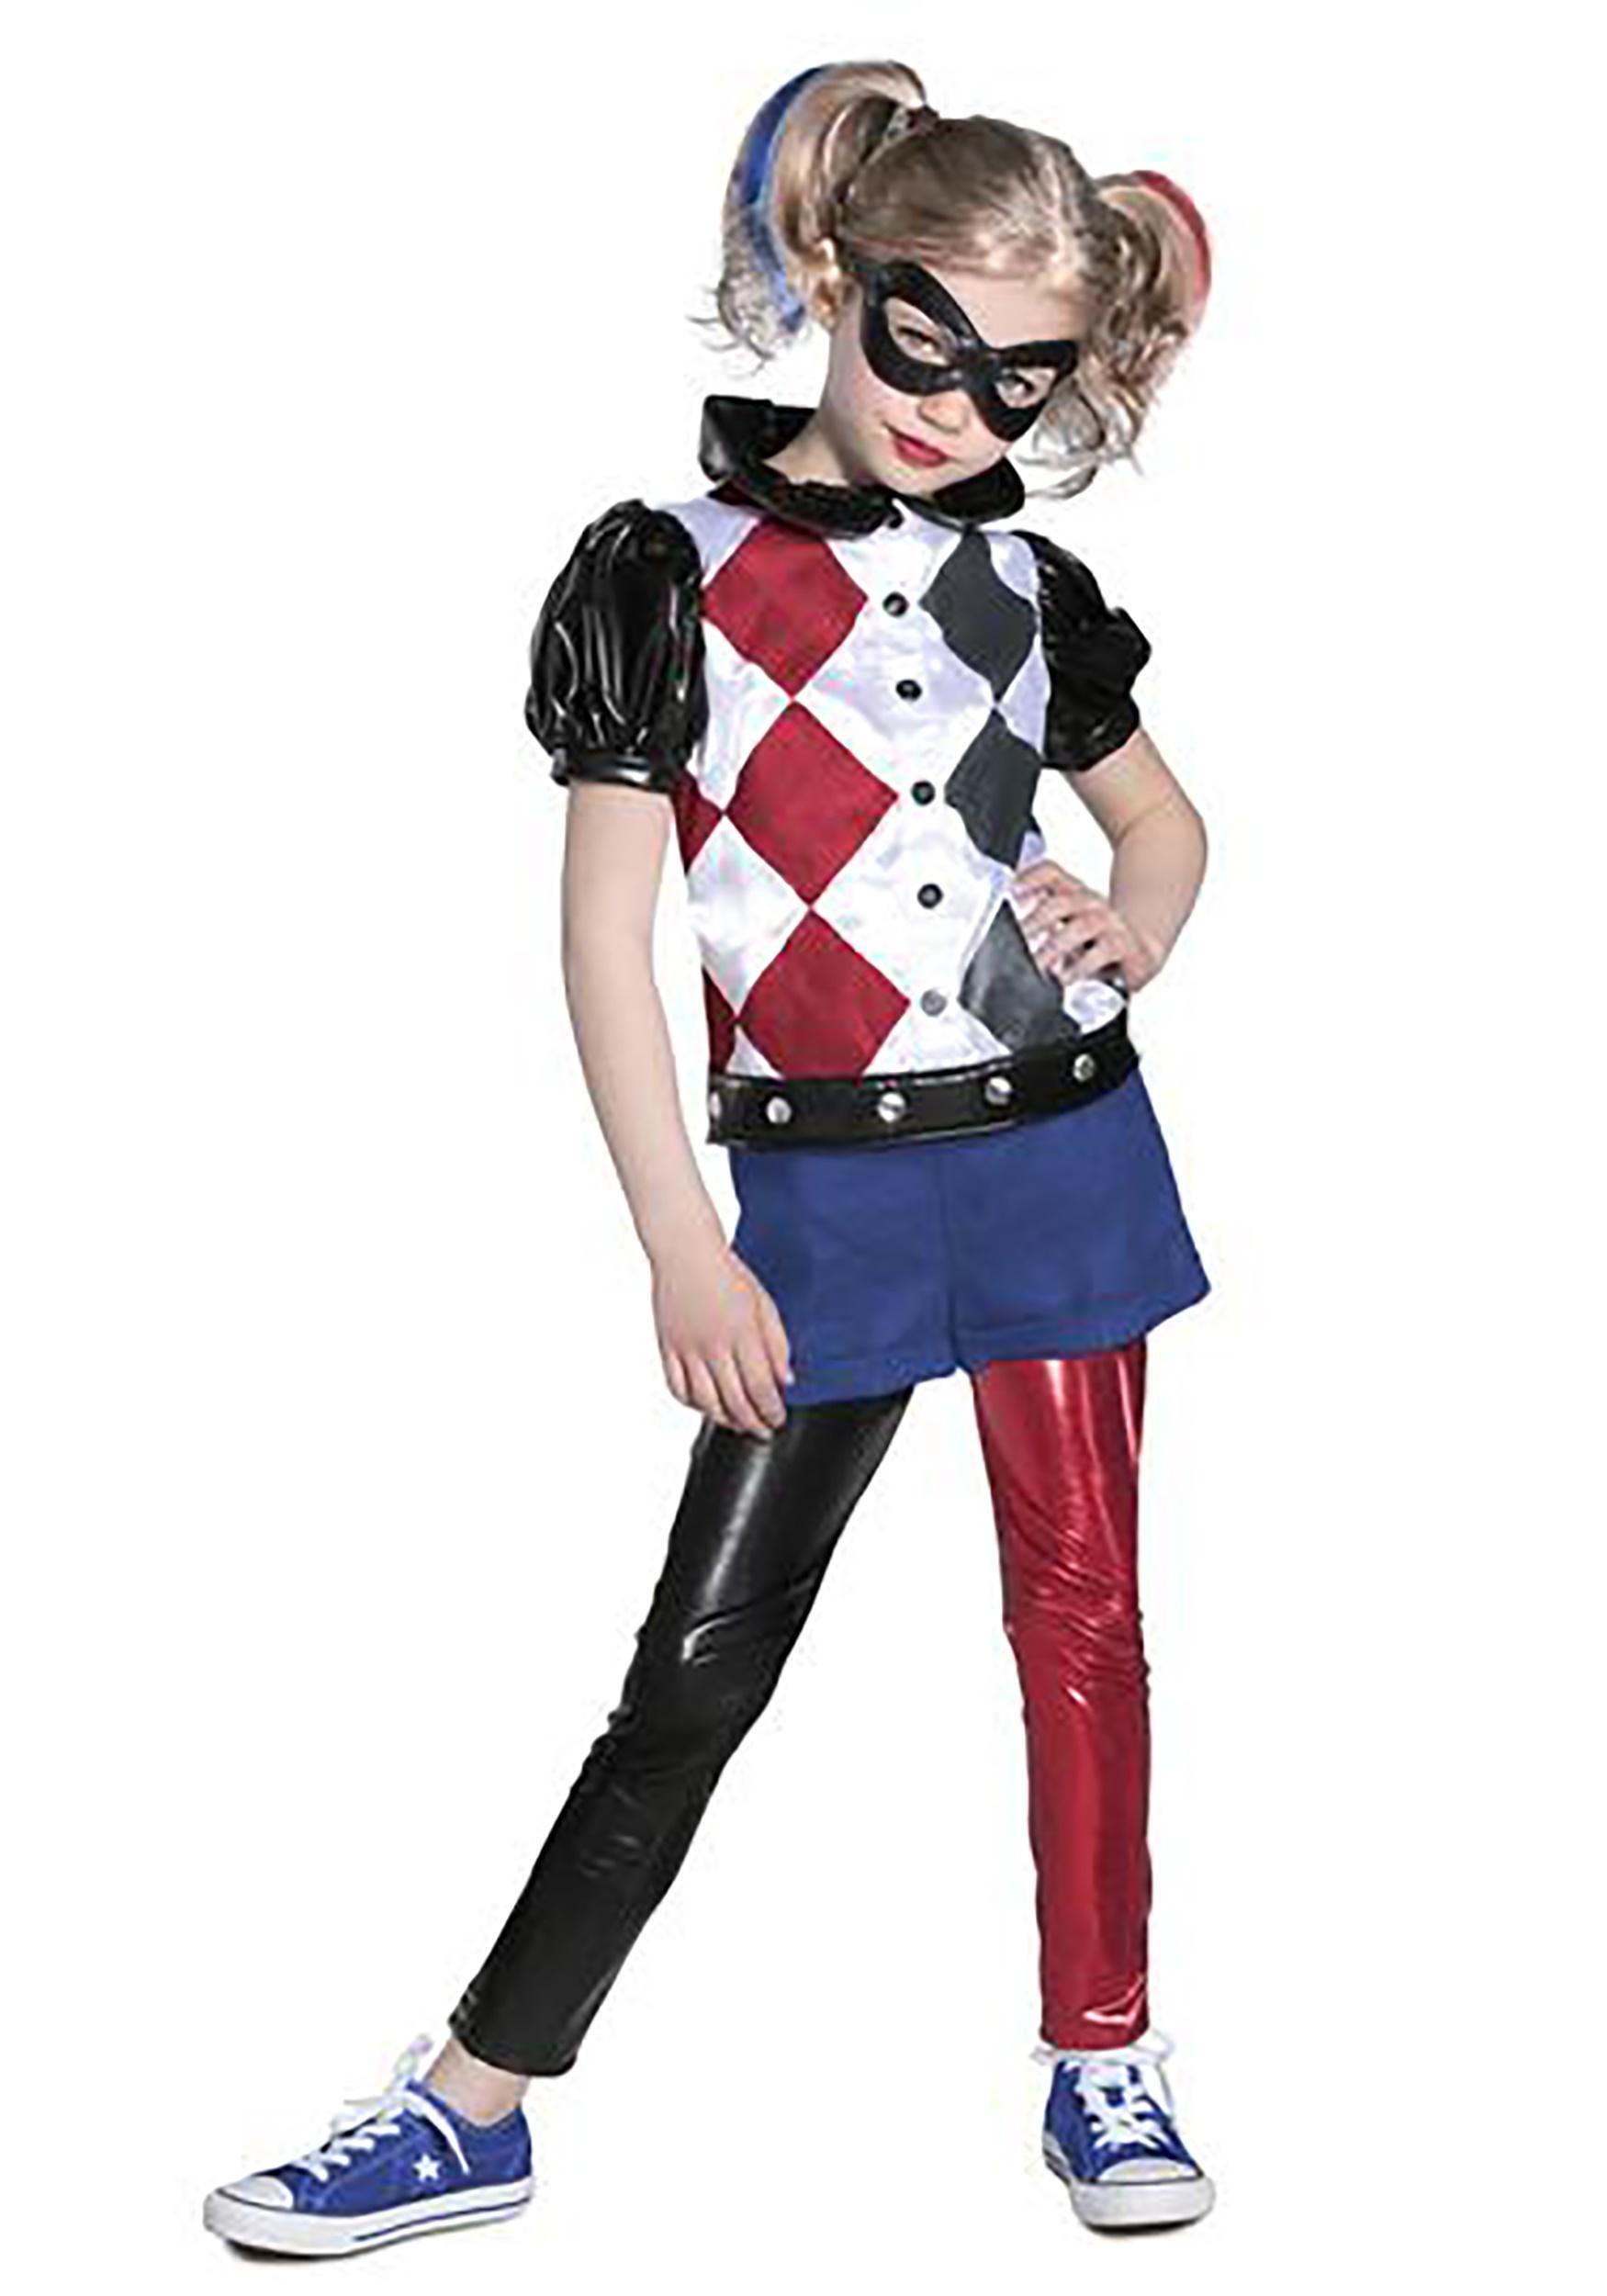 2d3a8a08dc5a Premium Harley Quinn DC Superhero Girl s Costume